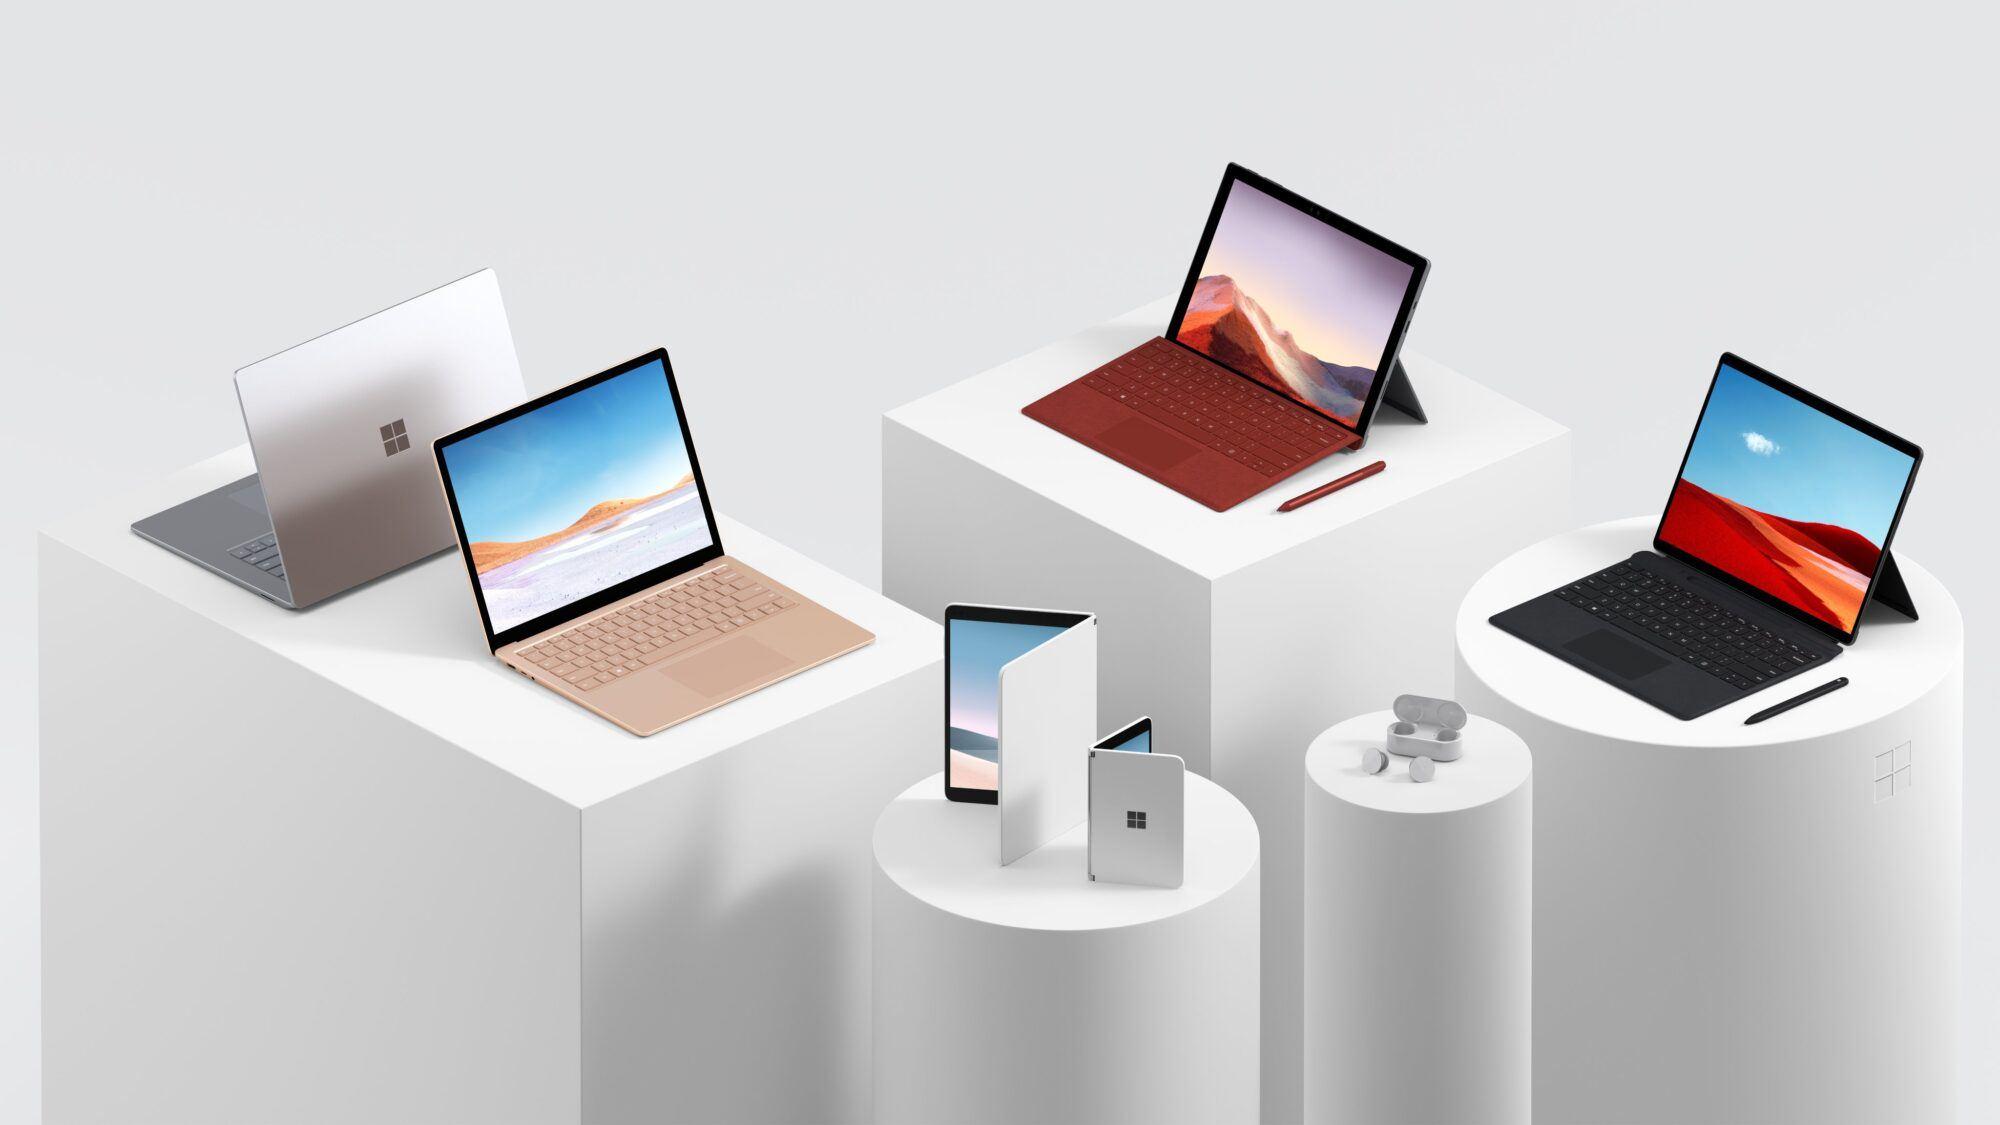 Les nouveaux appareils Microsoft Surface présentés